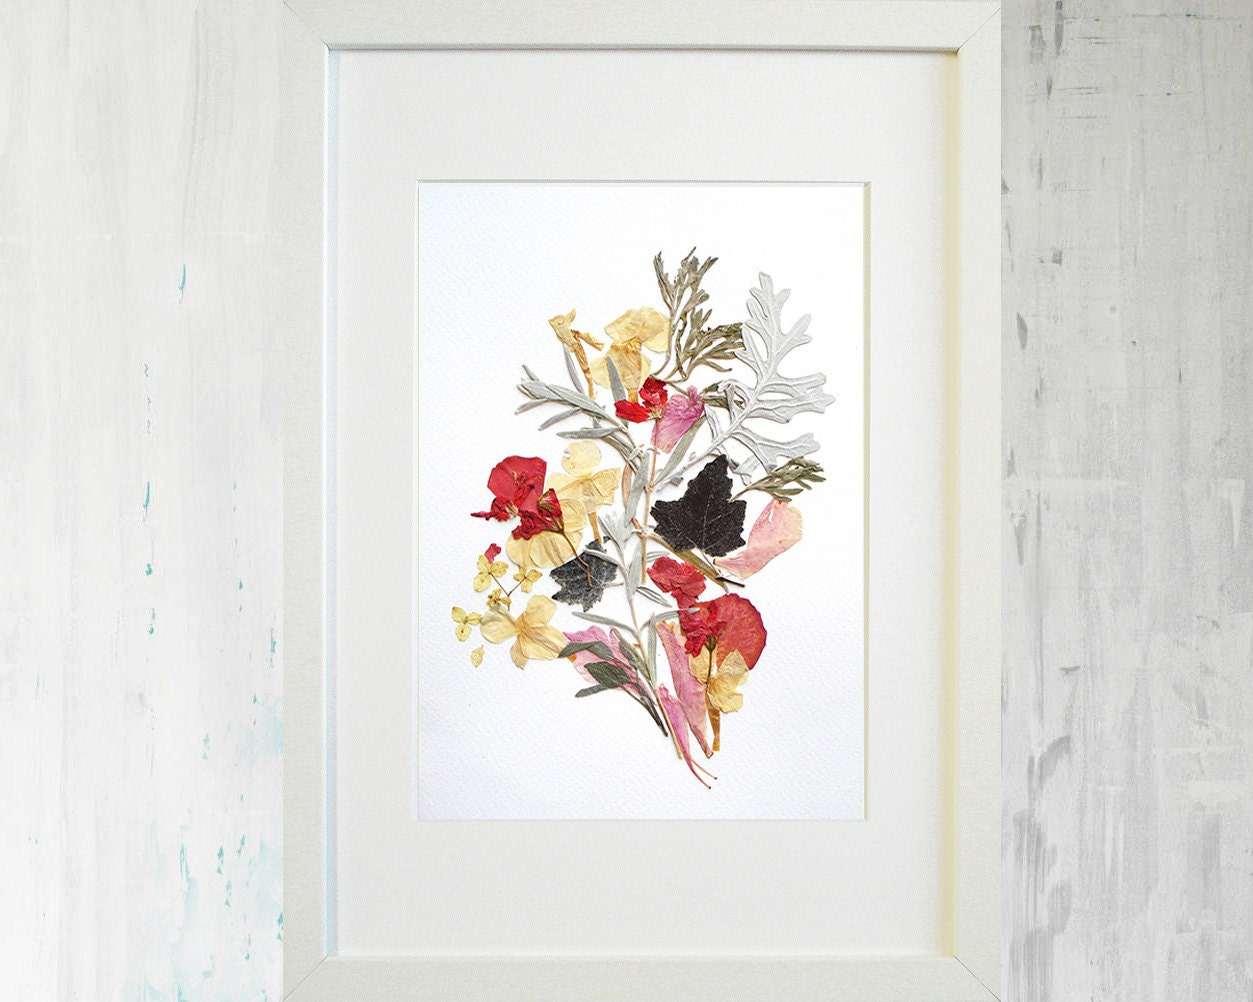 Blume Druck botanischen Druck gepresste Blume Art getrocknete | Etsy